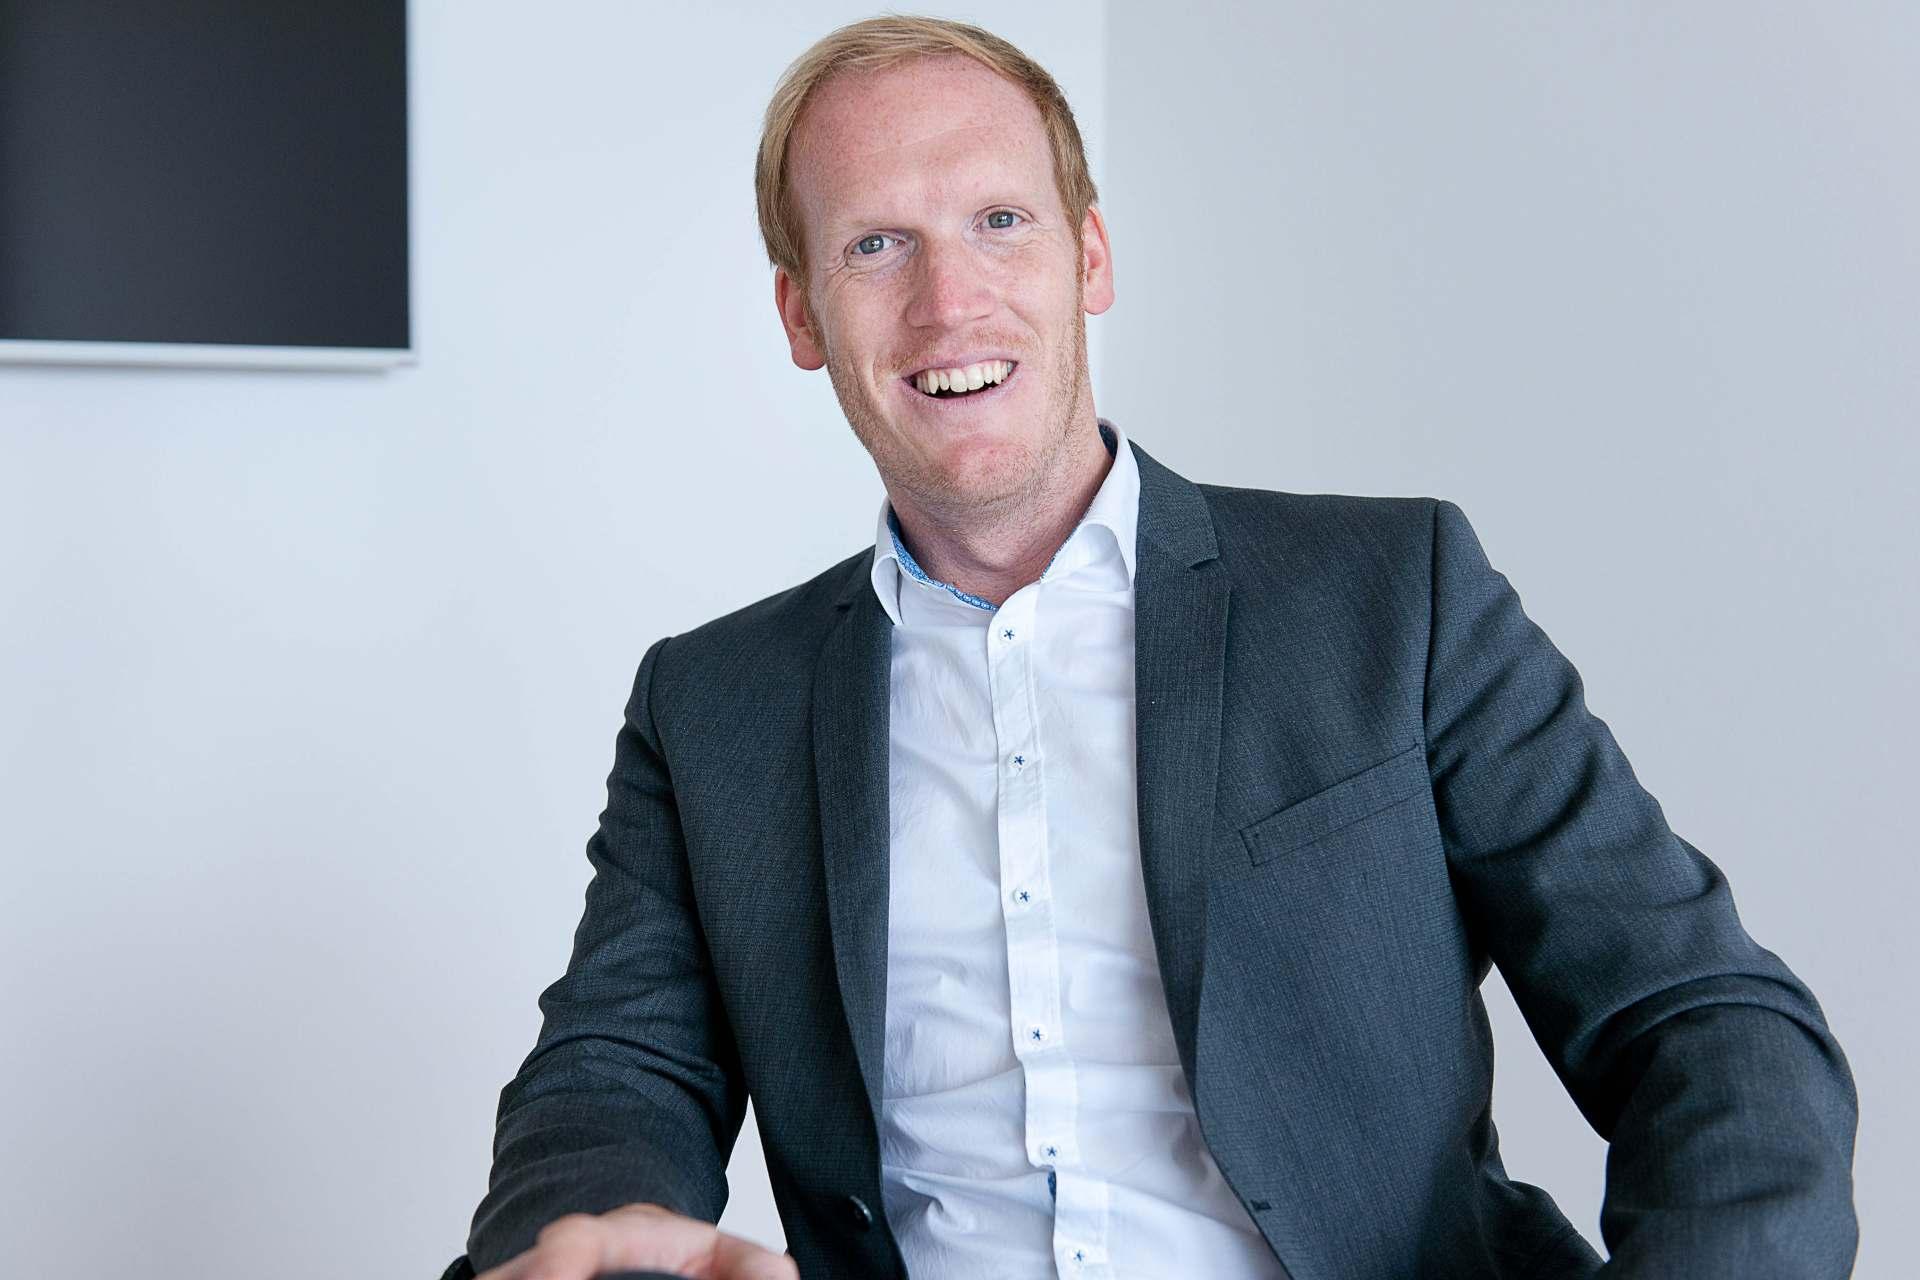 Johannes Altmann beschäftigt sich seit zwei Jahrzehnten mit dem e-Commerce und gilt als eine der bekanntesten Persönlichkeiten im deutschsprachigen Online-Handel.